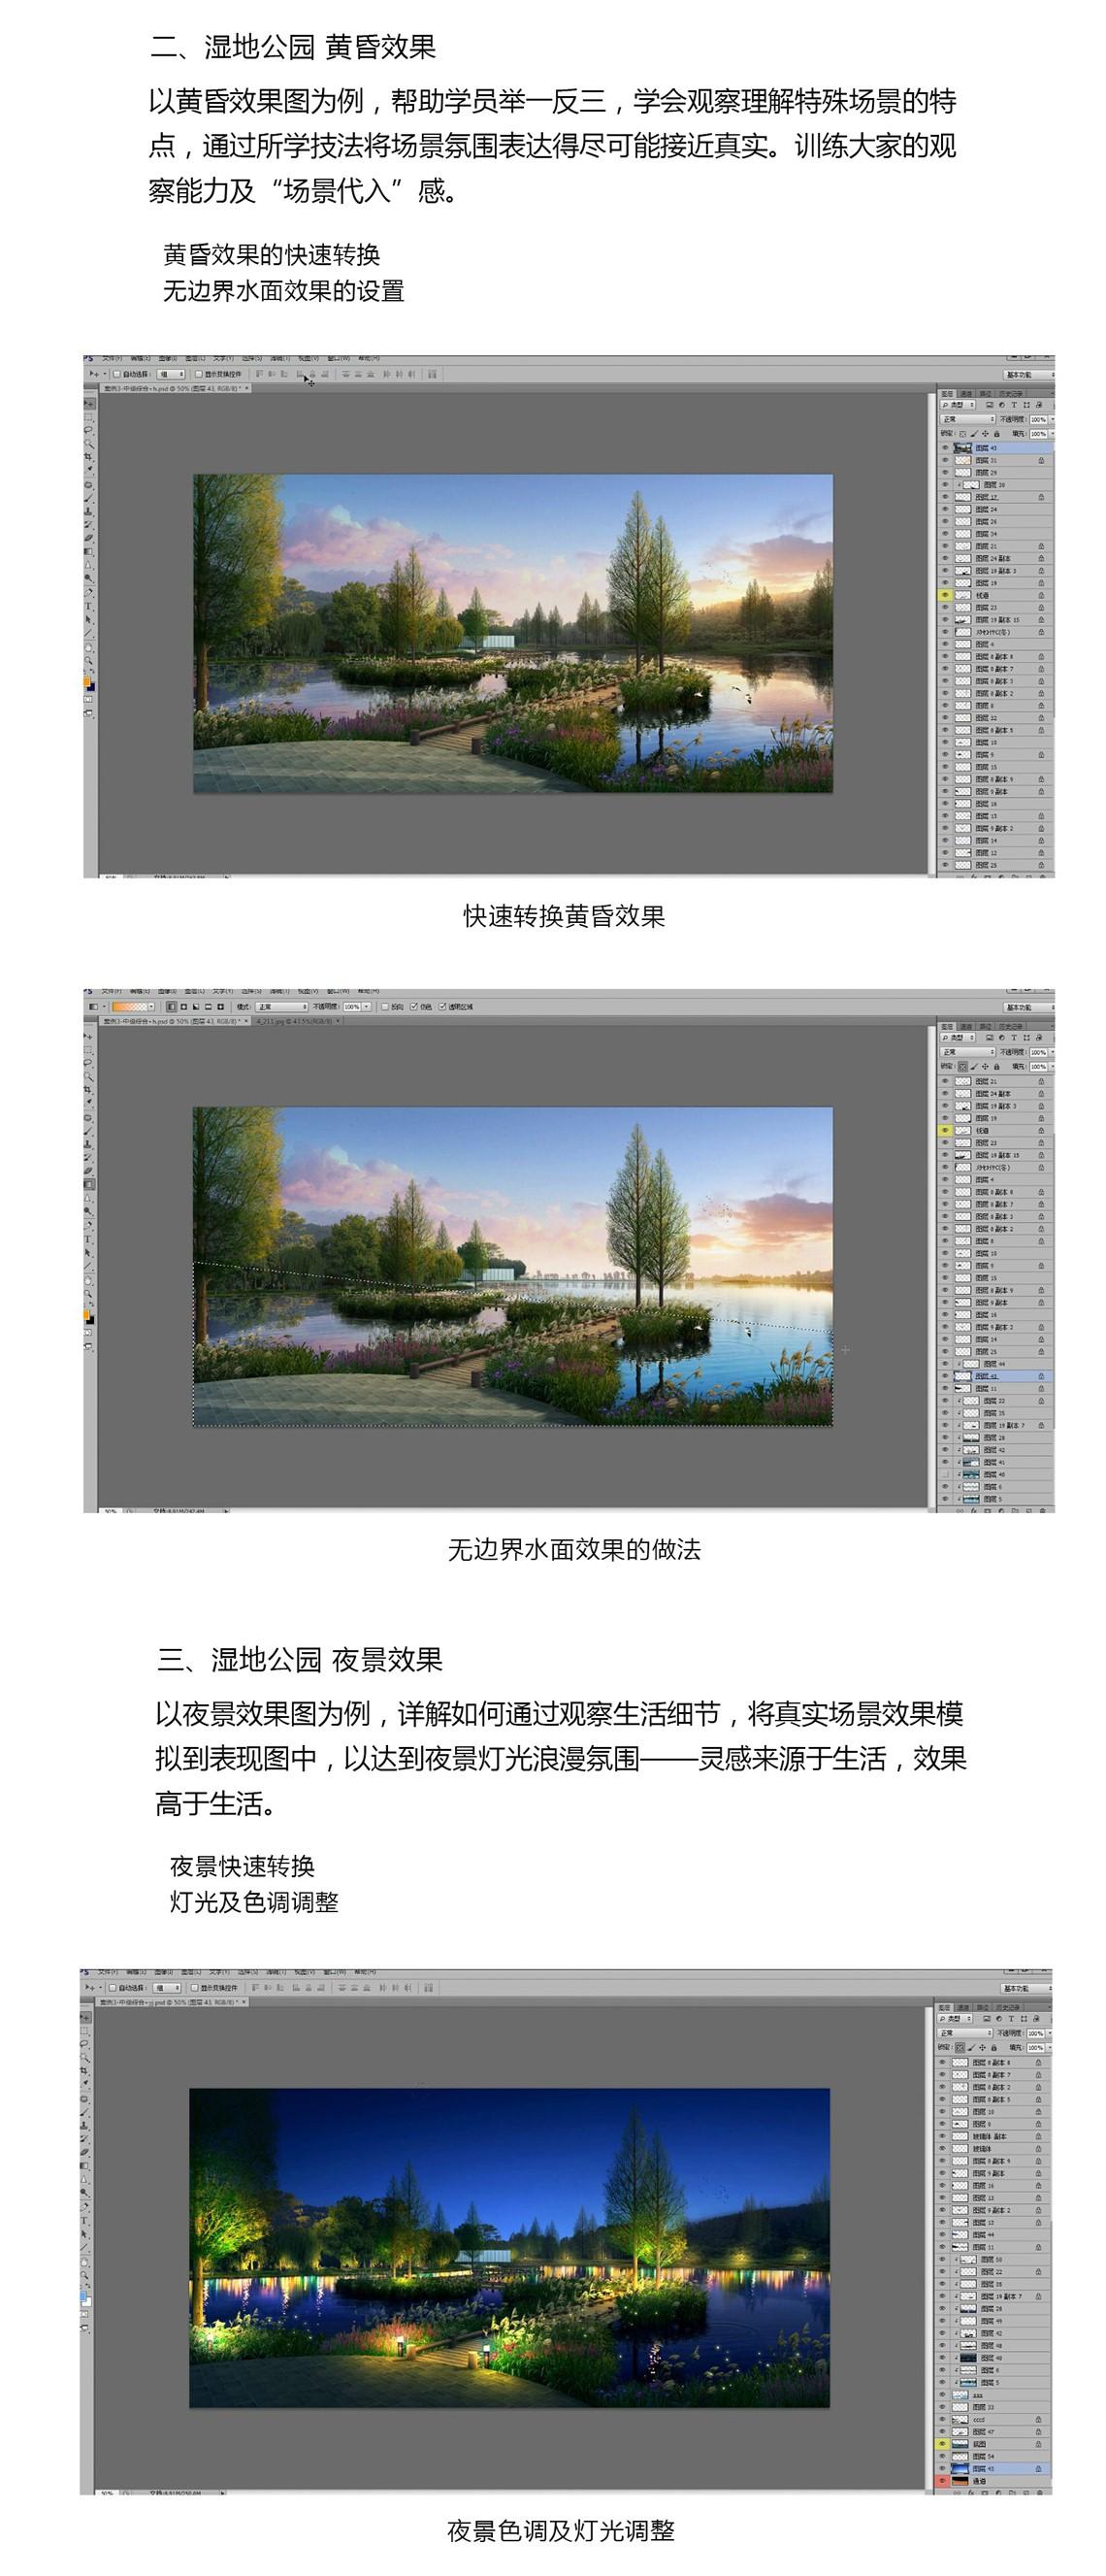 湿地公园,黄昏效果,Photoshop景观效果图,景观效果图表现,ps景观效果图